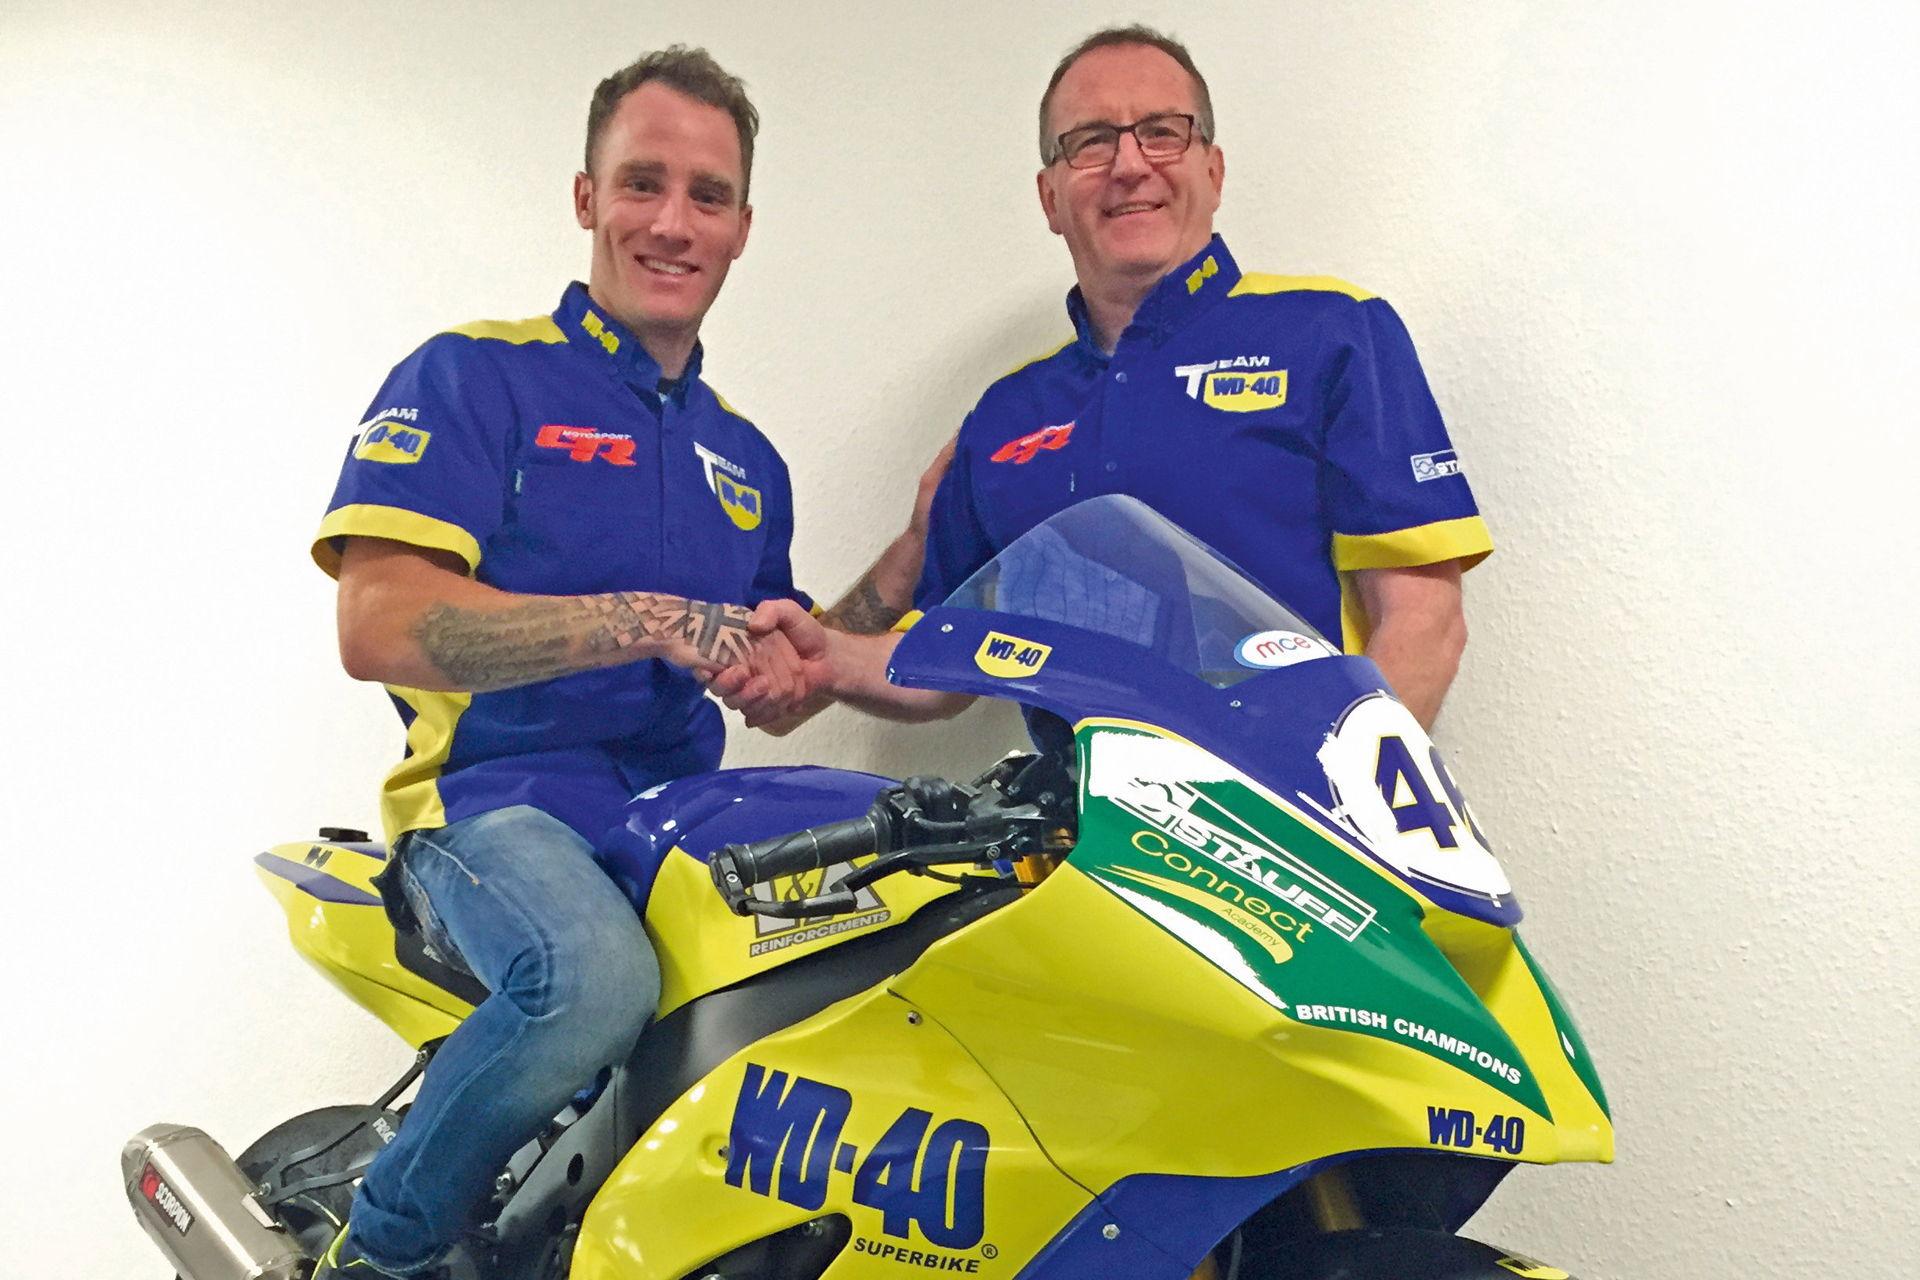 Tommy Bridewell con la Kawasaki del equipo WD-40